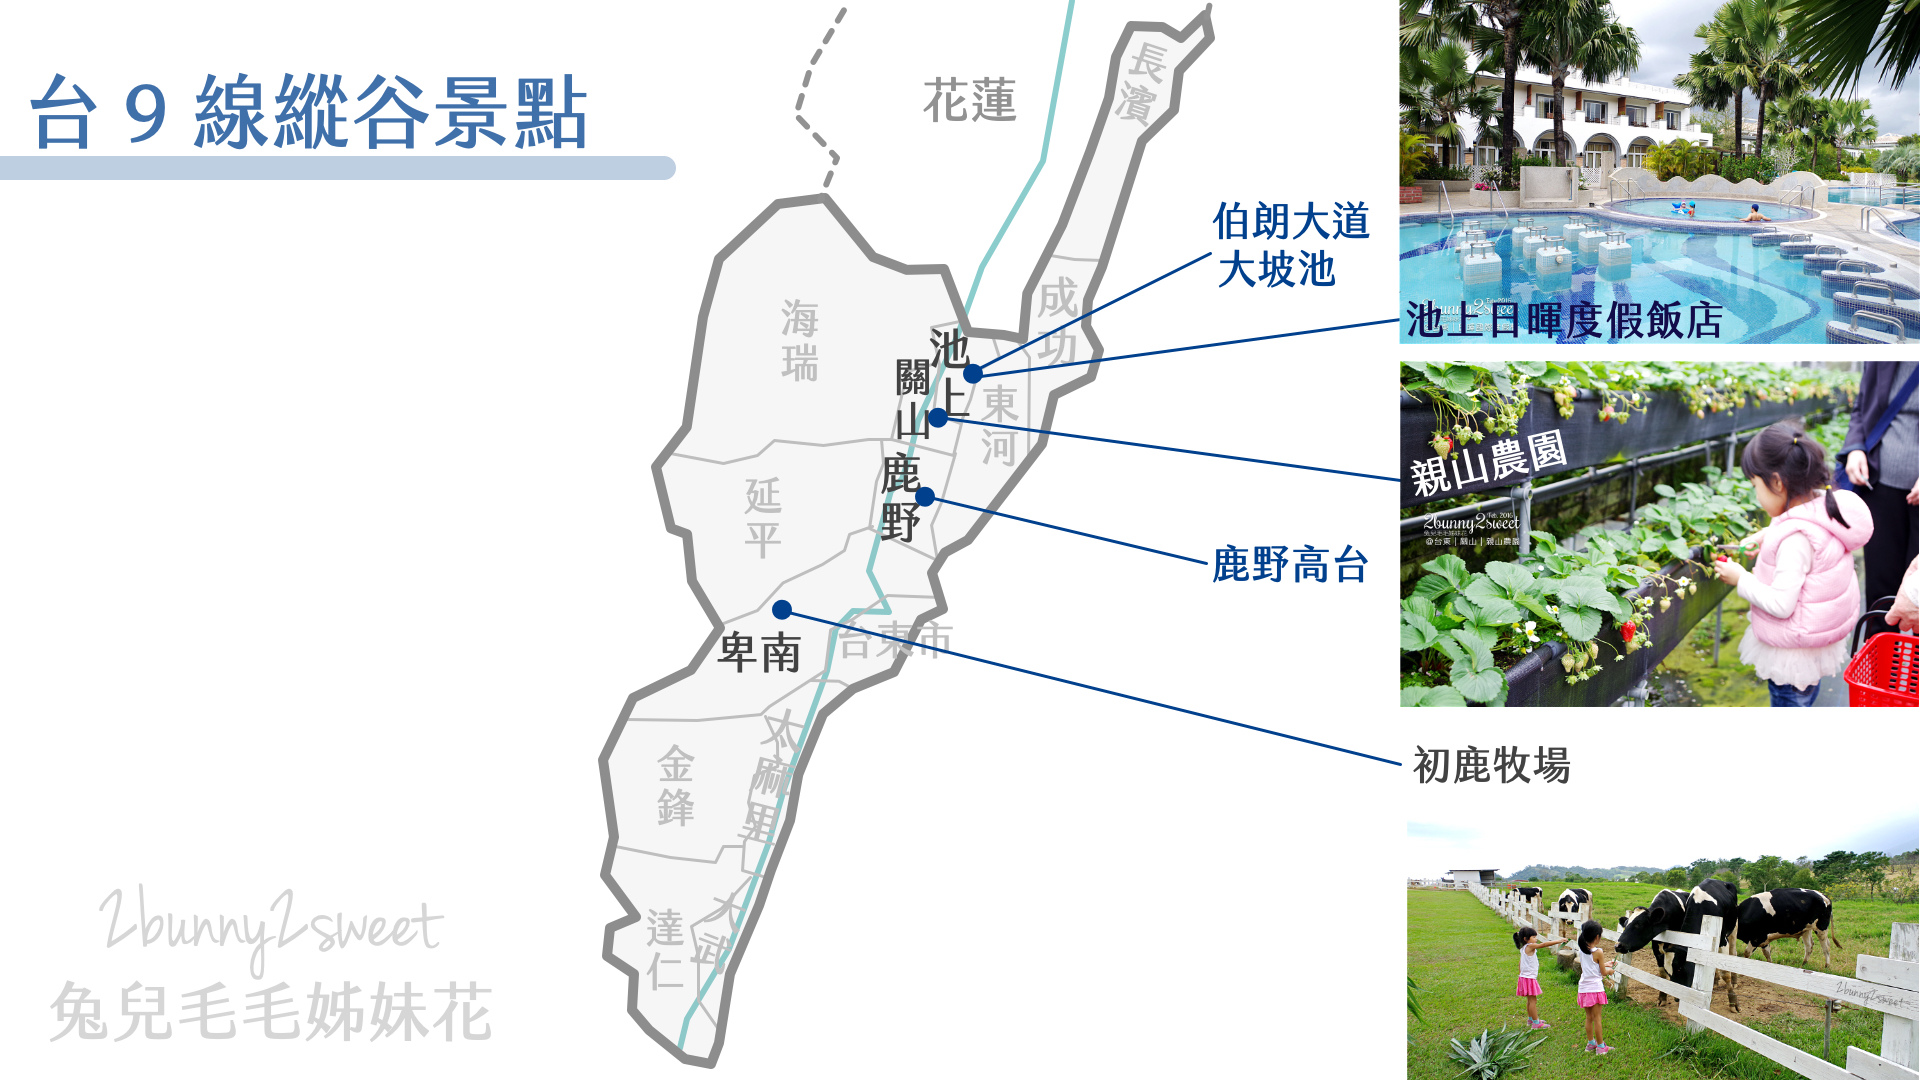 台東旅遊地圖-台9線縱谷景點